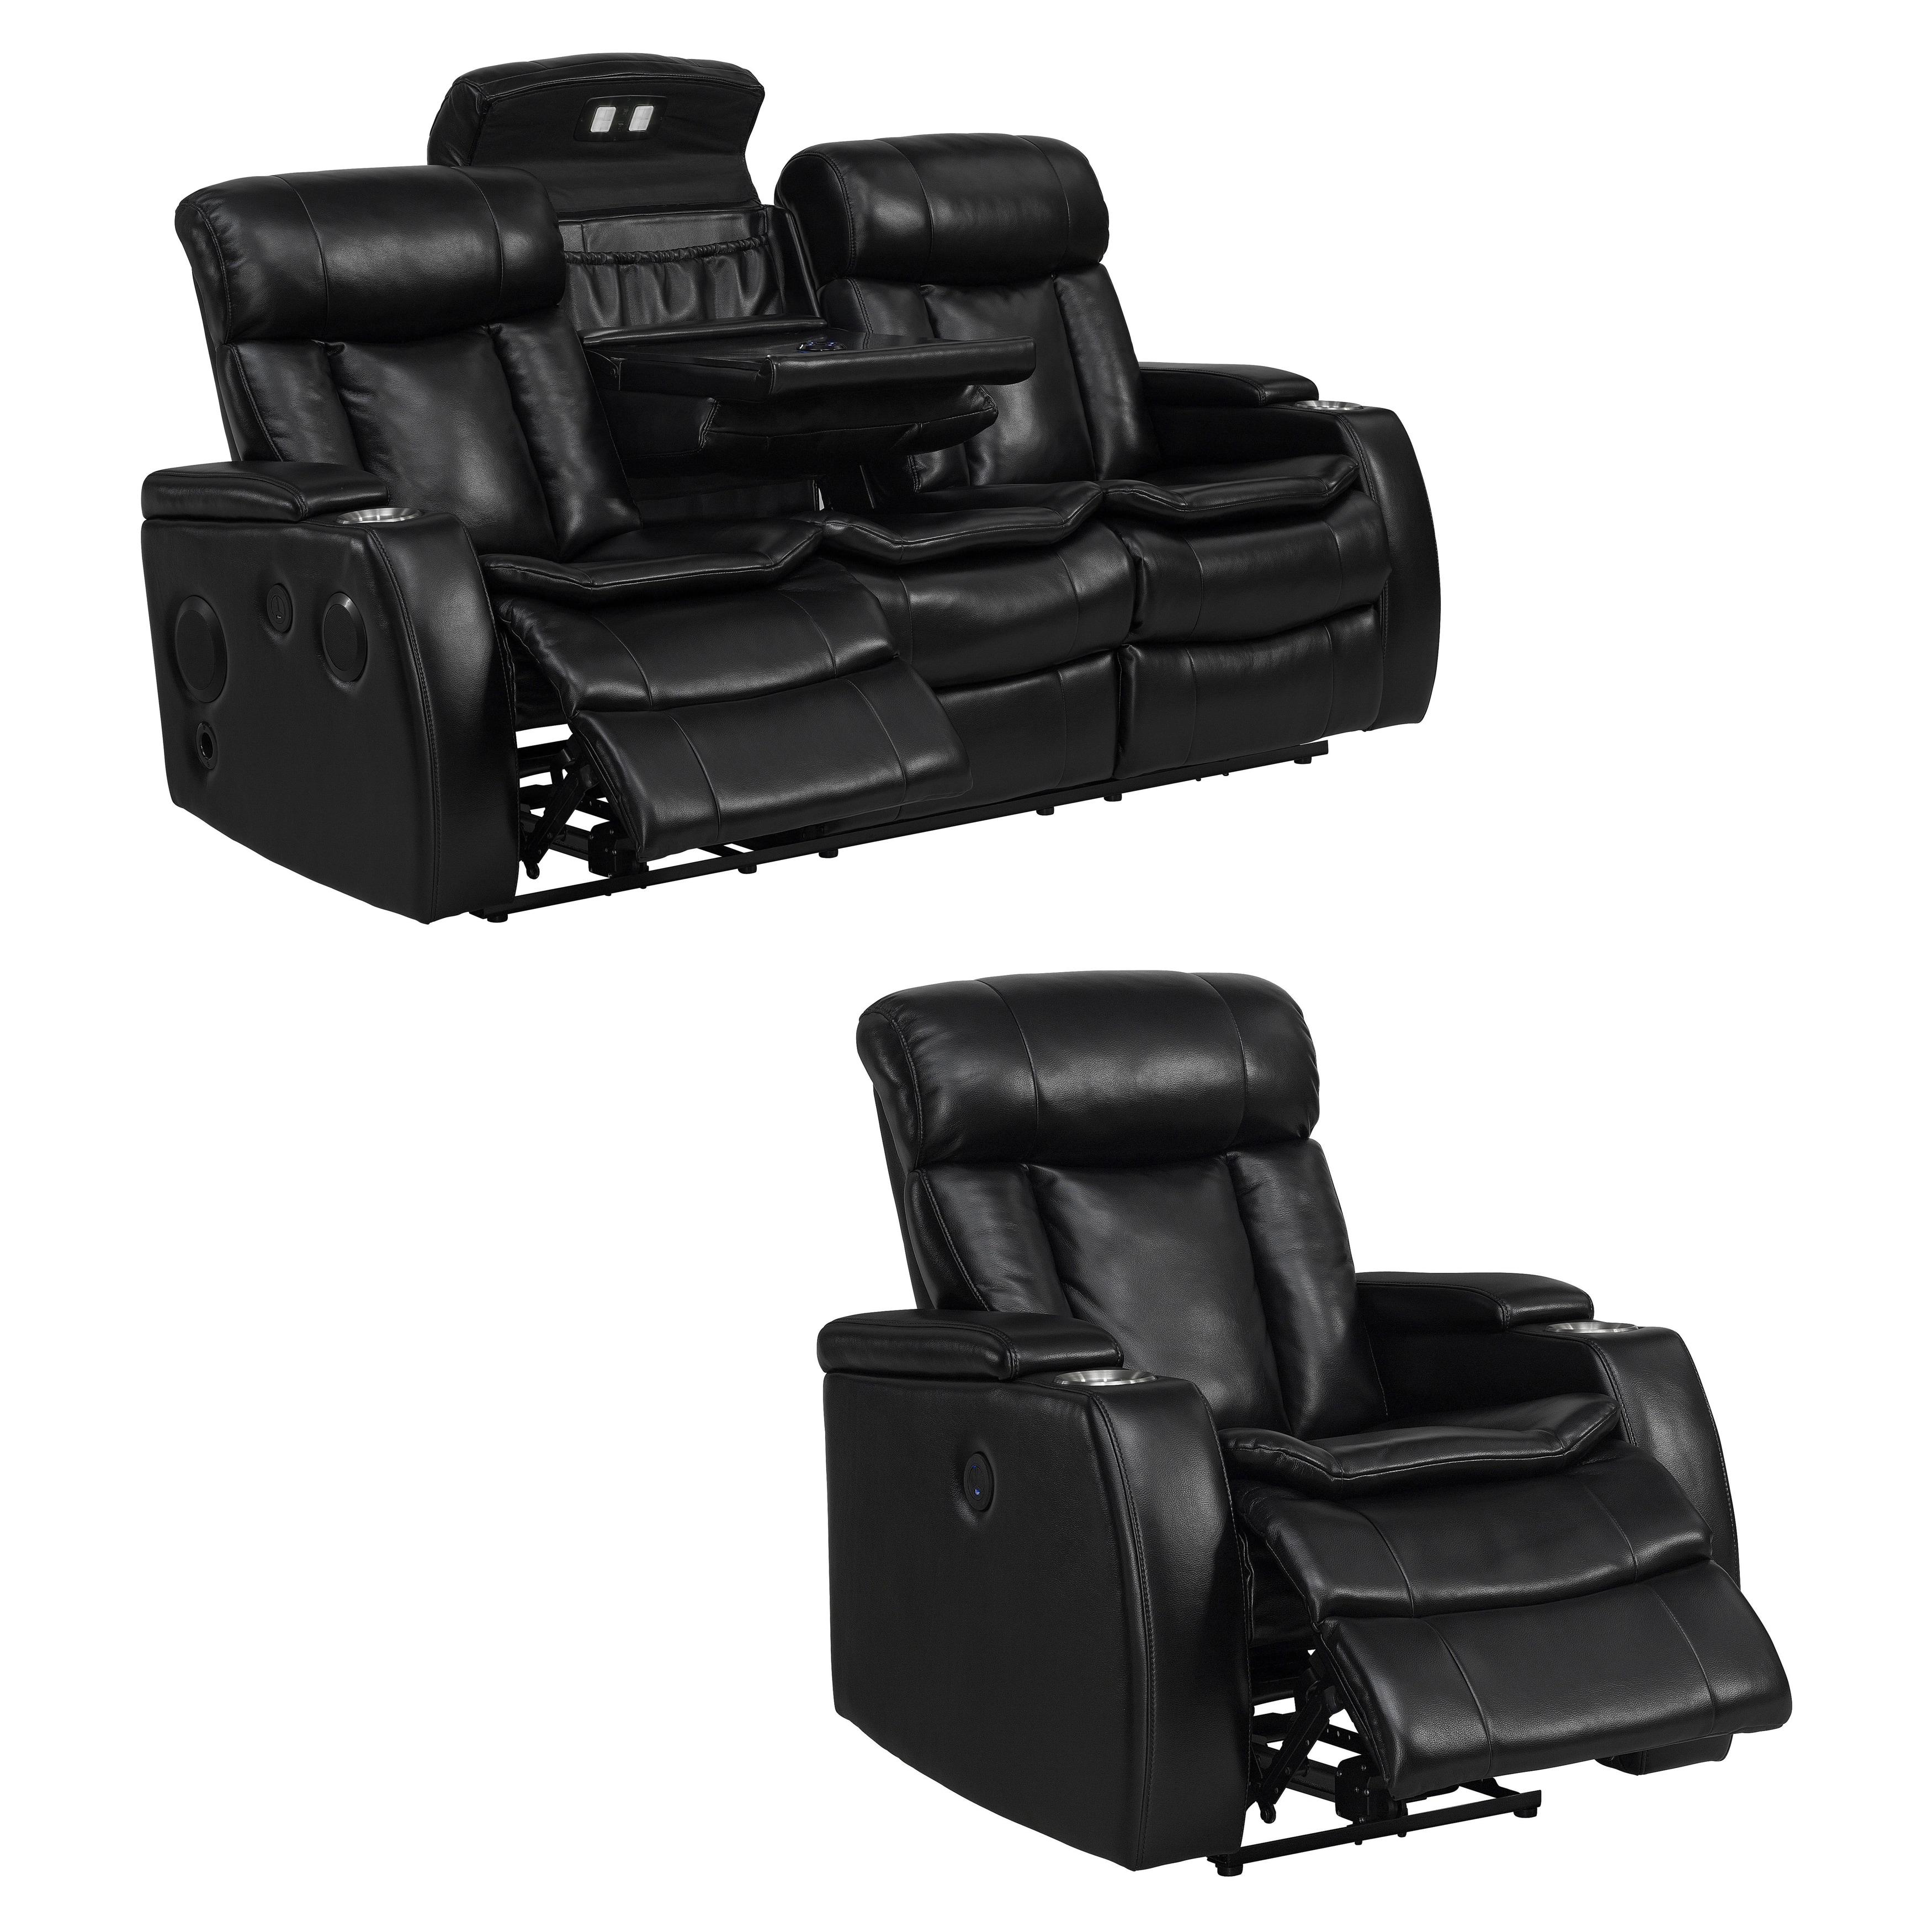 Stupendous Smart Tech Bluetooth Power Reclining Black Sofa And Recliner Chair Short Links Chair Design For Home Short Linksinfo